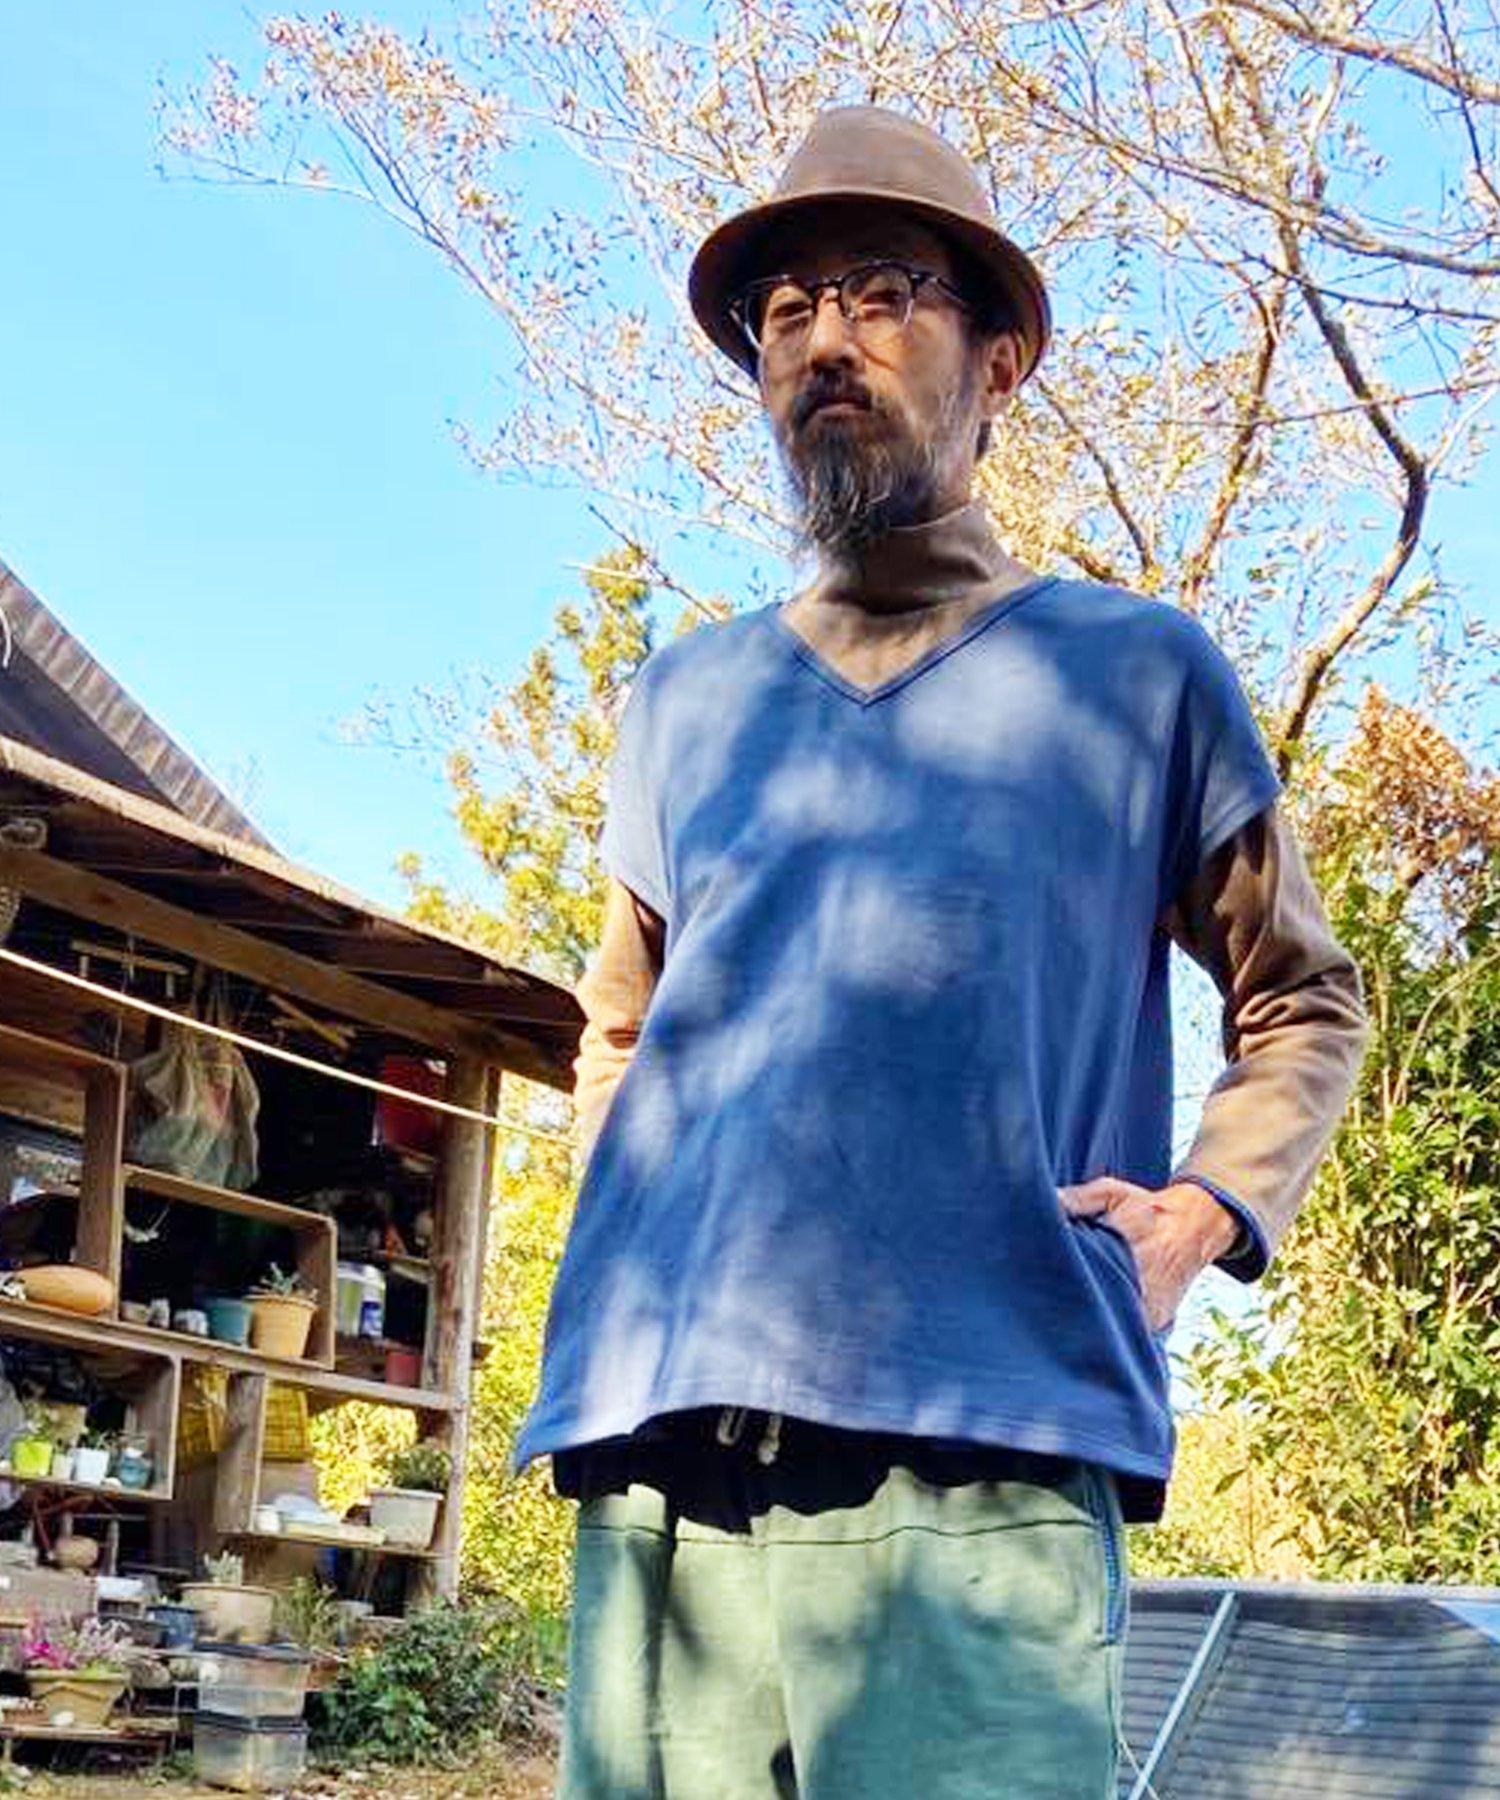 【SUMMER_CLEARANCE】ARIGATO FAKKYU〔アリガトファッキュ〕 Lazy sloppy v-neck no sleeve(4 colors)